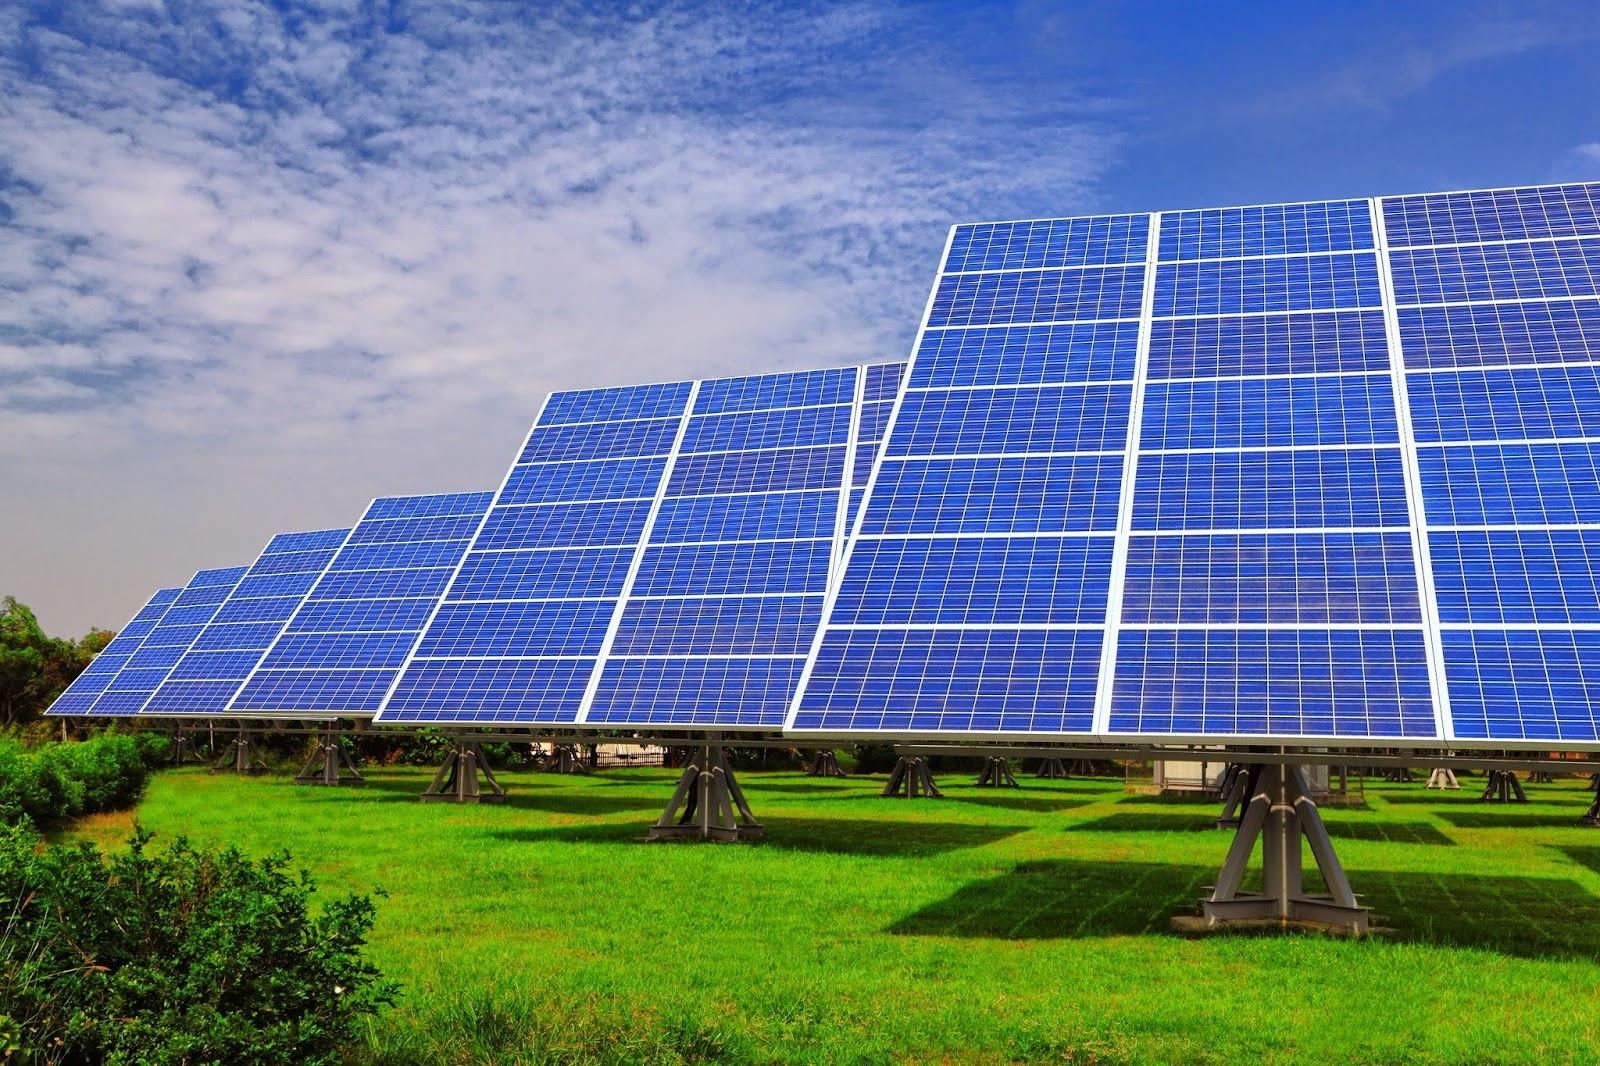 Yenilenebilir Enerji Kaynaklarının Temel Özellikleri Nelerdir?